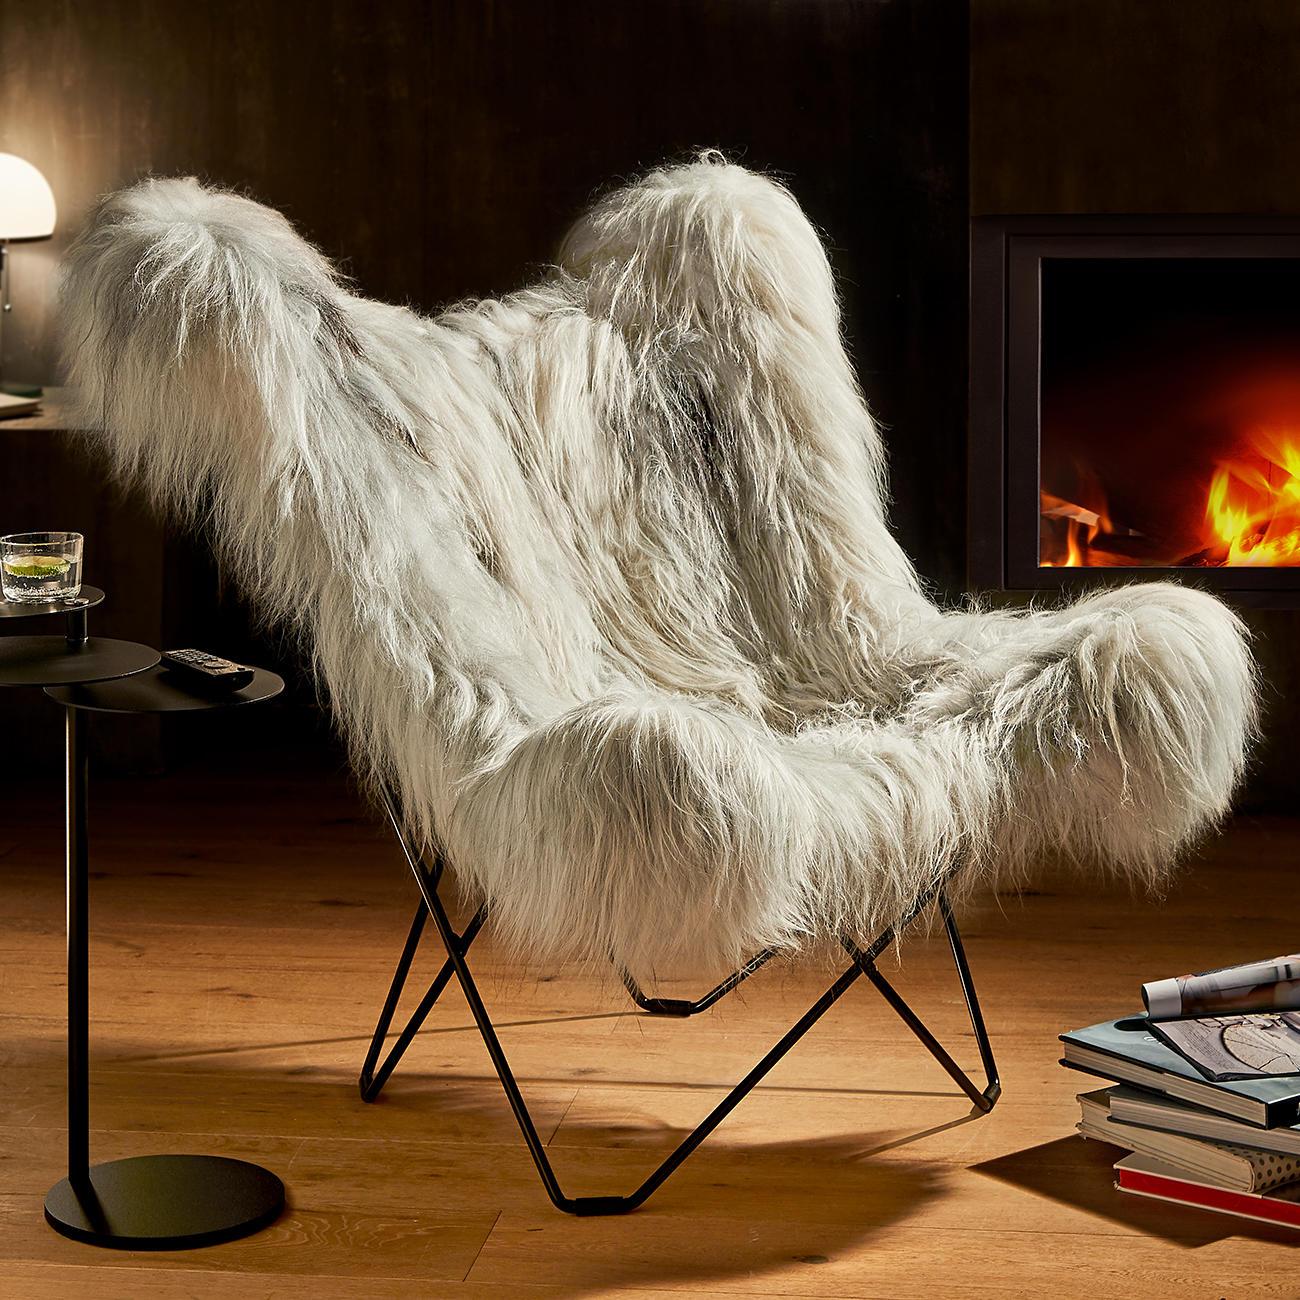 Mariposa Loungesessel Der berühmte Butterfly Chair – als luxuriöse Re-Edition mit kuschelig langflorigem grey iceland Schaffell.